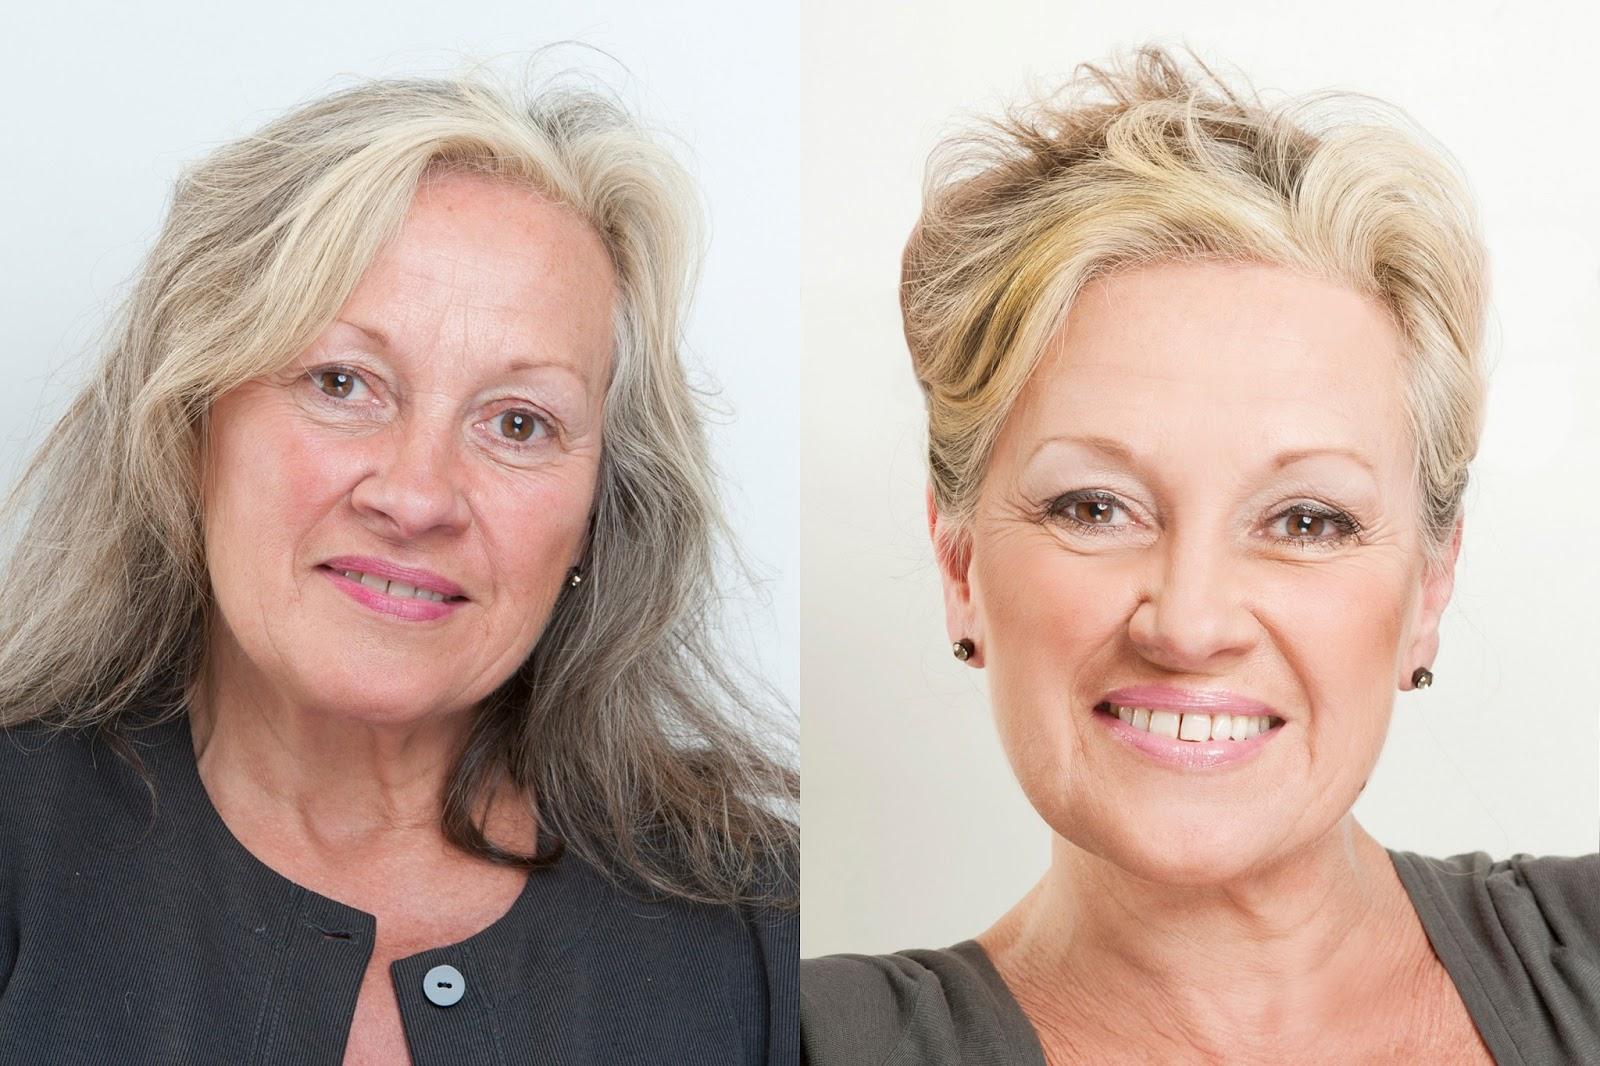 Как правильно делать макияж чтобы выглядеть моложе